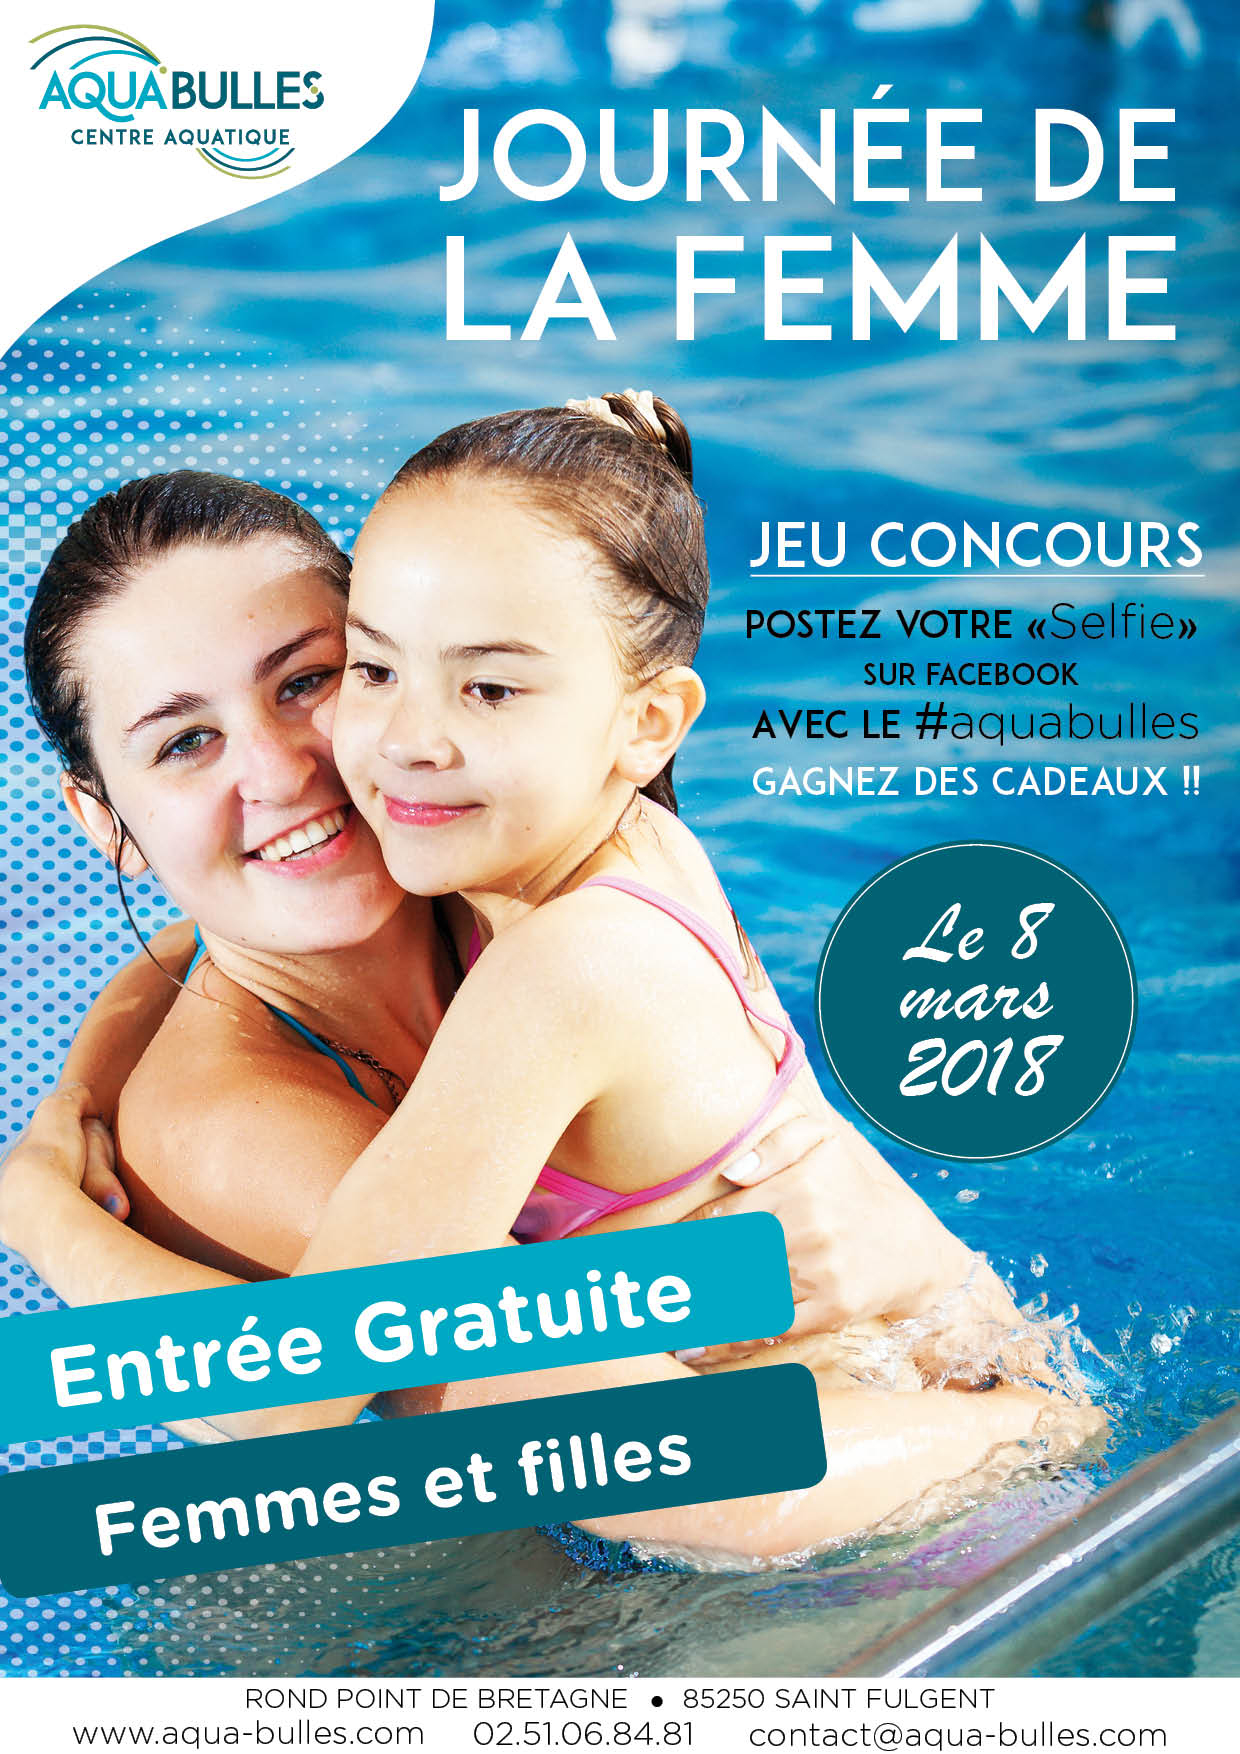 Journée De La Femme - Piscine Gratuite !! - Aqua Bulles pour Jeux De Piscine Gratuit